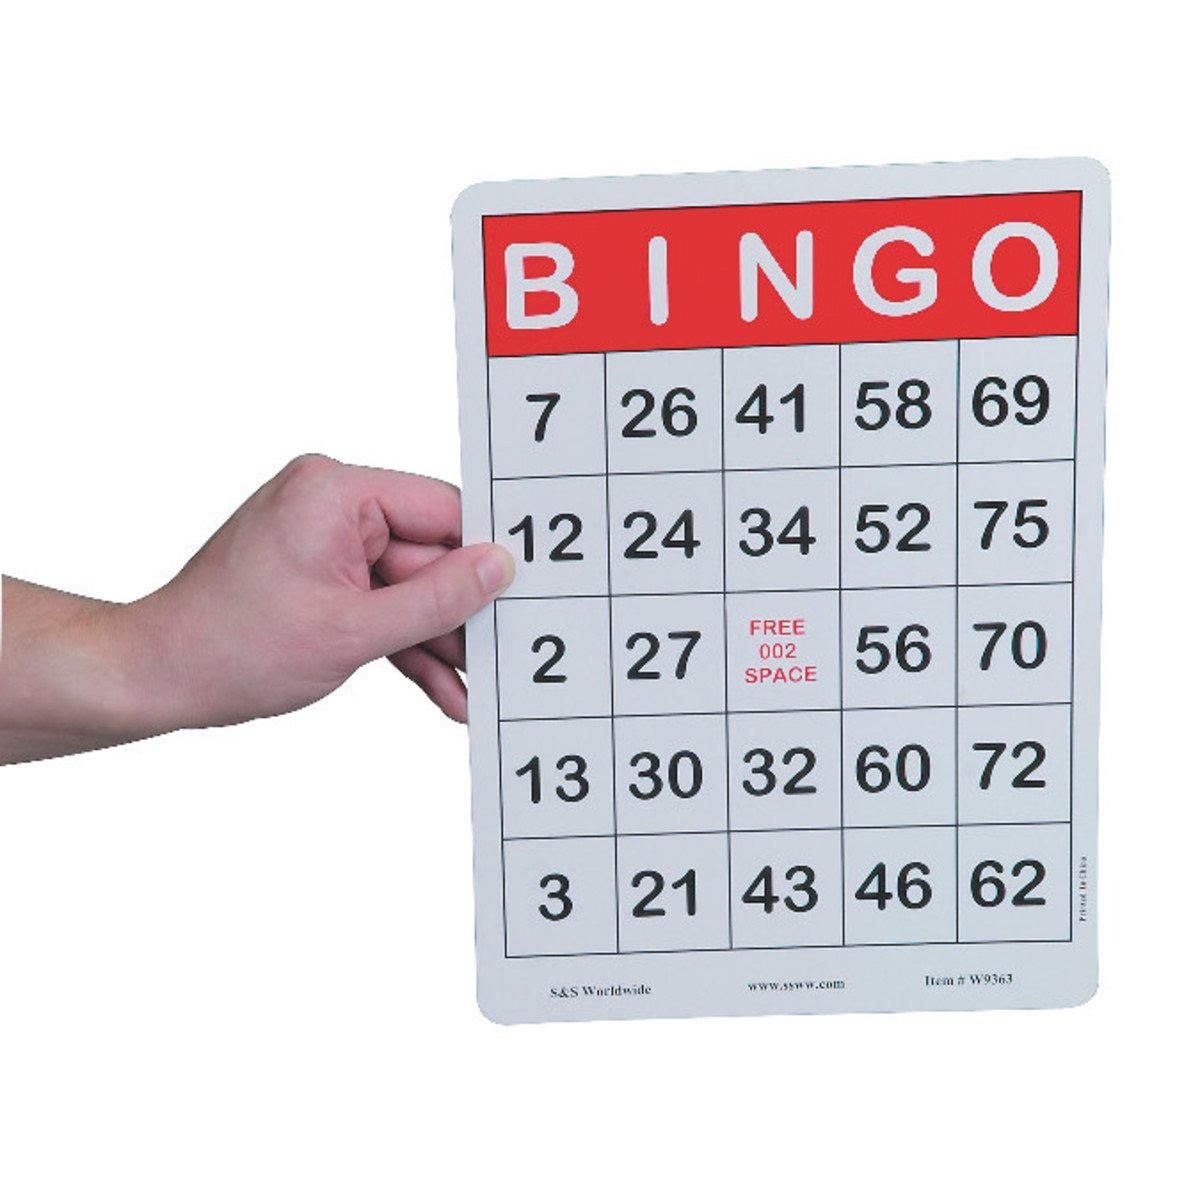 Jumbo Bingo Cards by S&S Worldwide